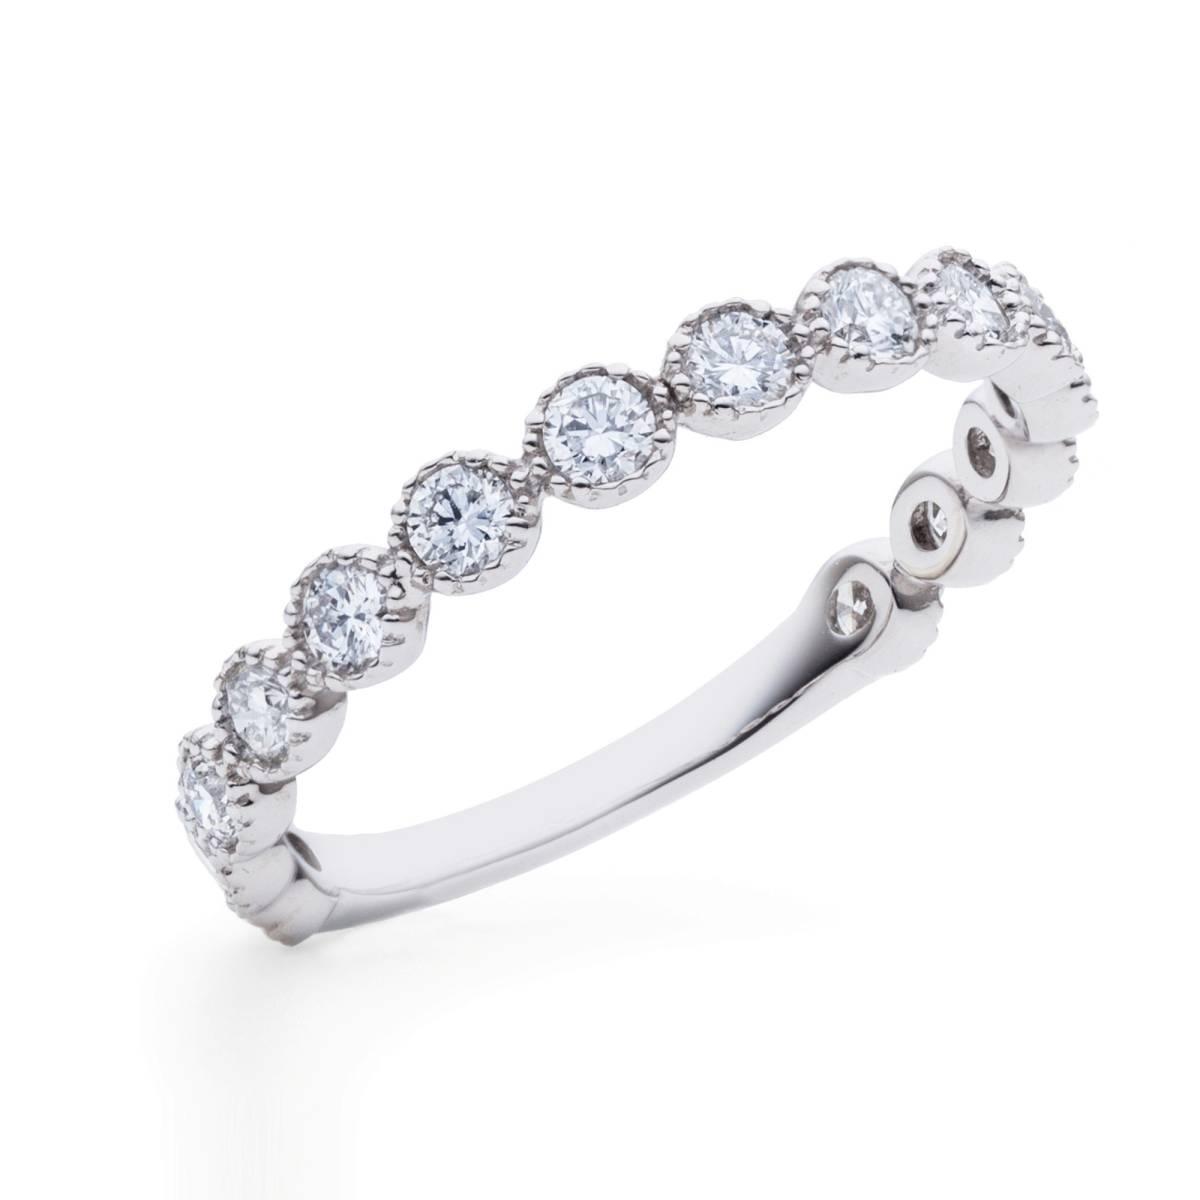 【size8号】ハード プラチナ pt900 天然diamond 0.53ct H&C 3/4 エタニティ リング【鑑別書付】_最上級H&Cダイヤモンドのエタニティリング